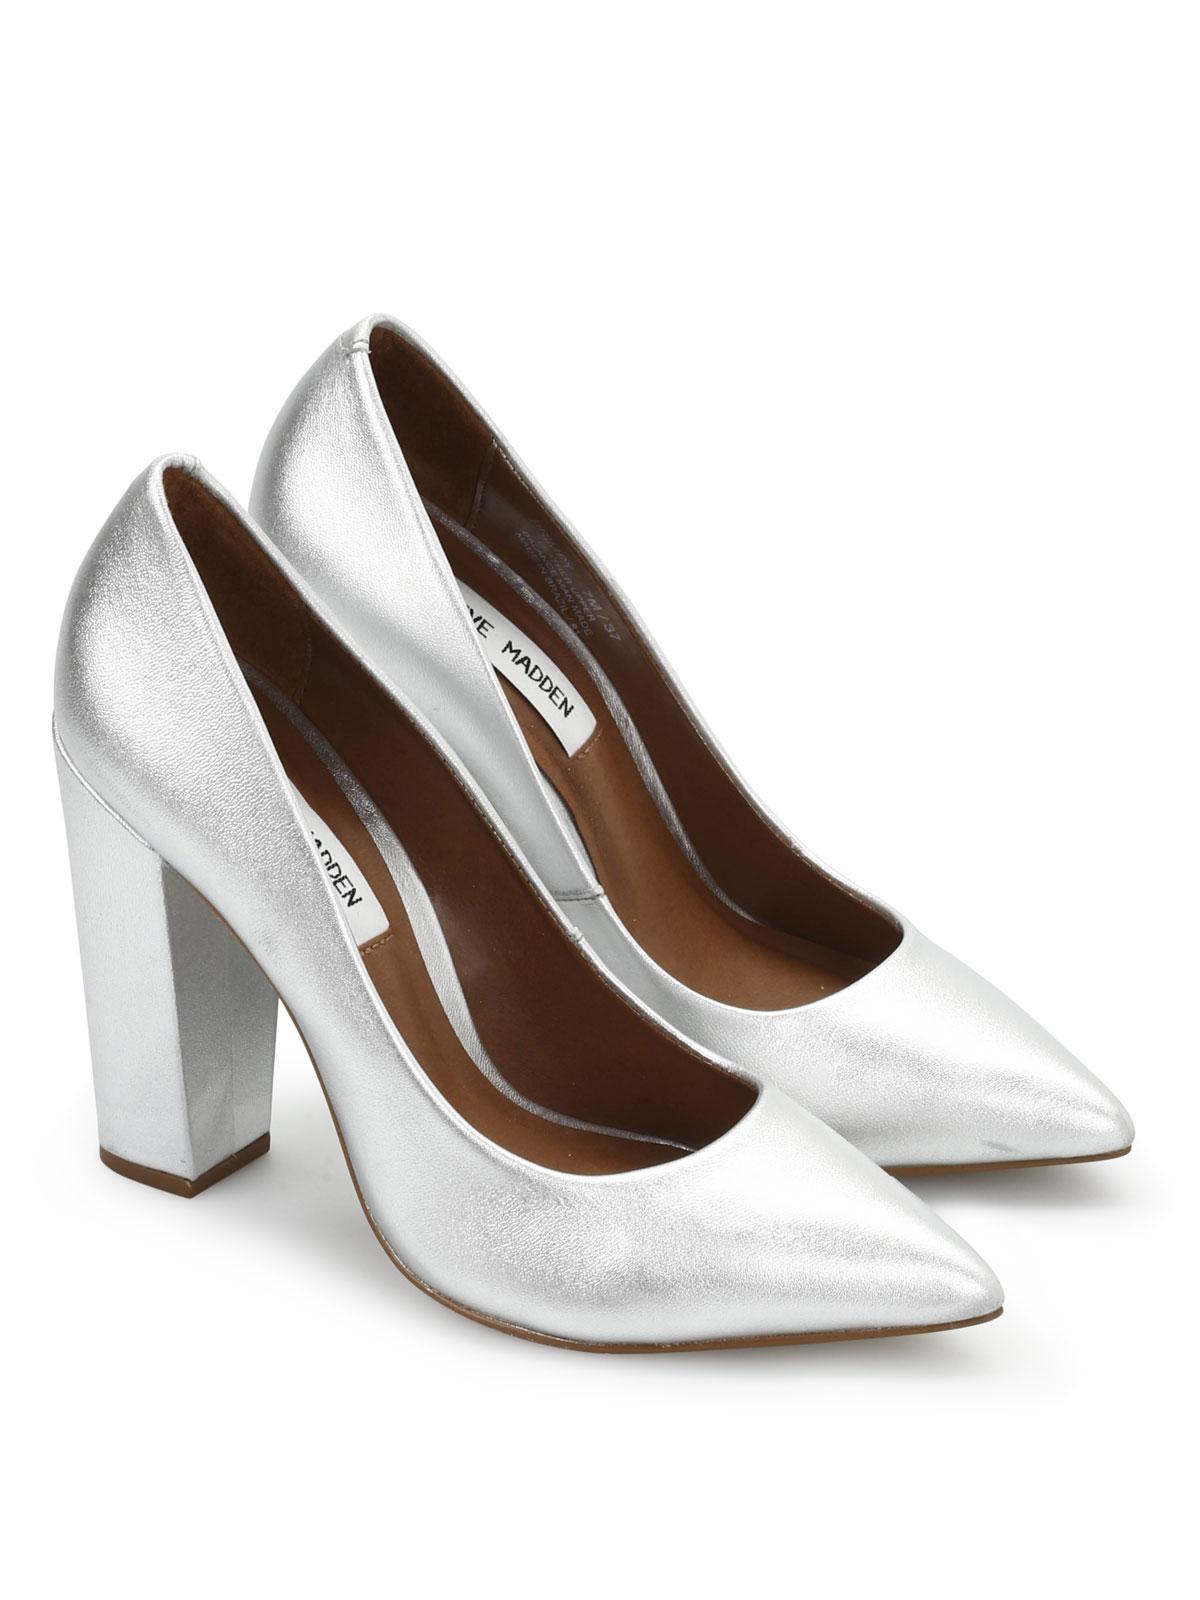 ab9e0822166 Steve Madden - Primpy leather court shoes - court shoes - PRIMPY SILVER